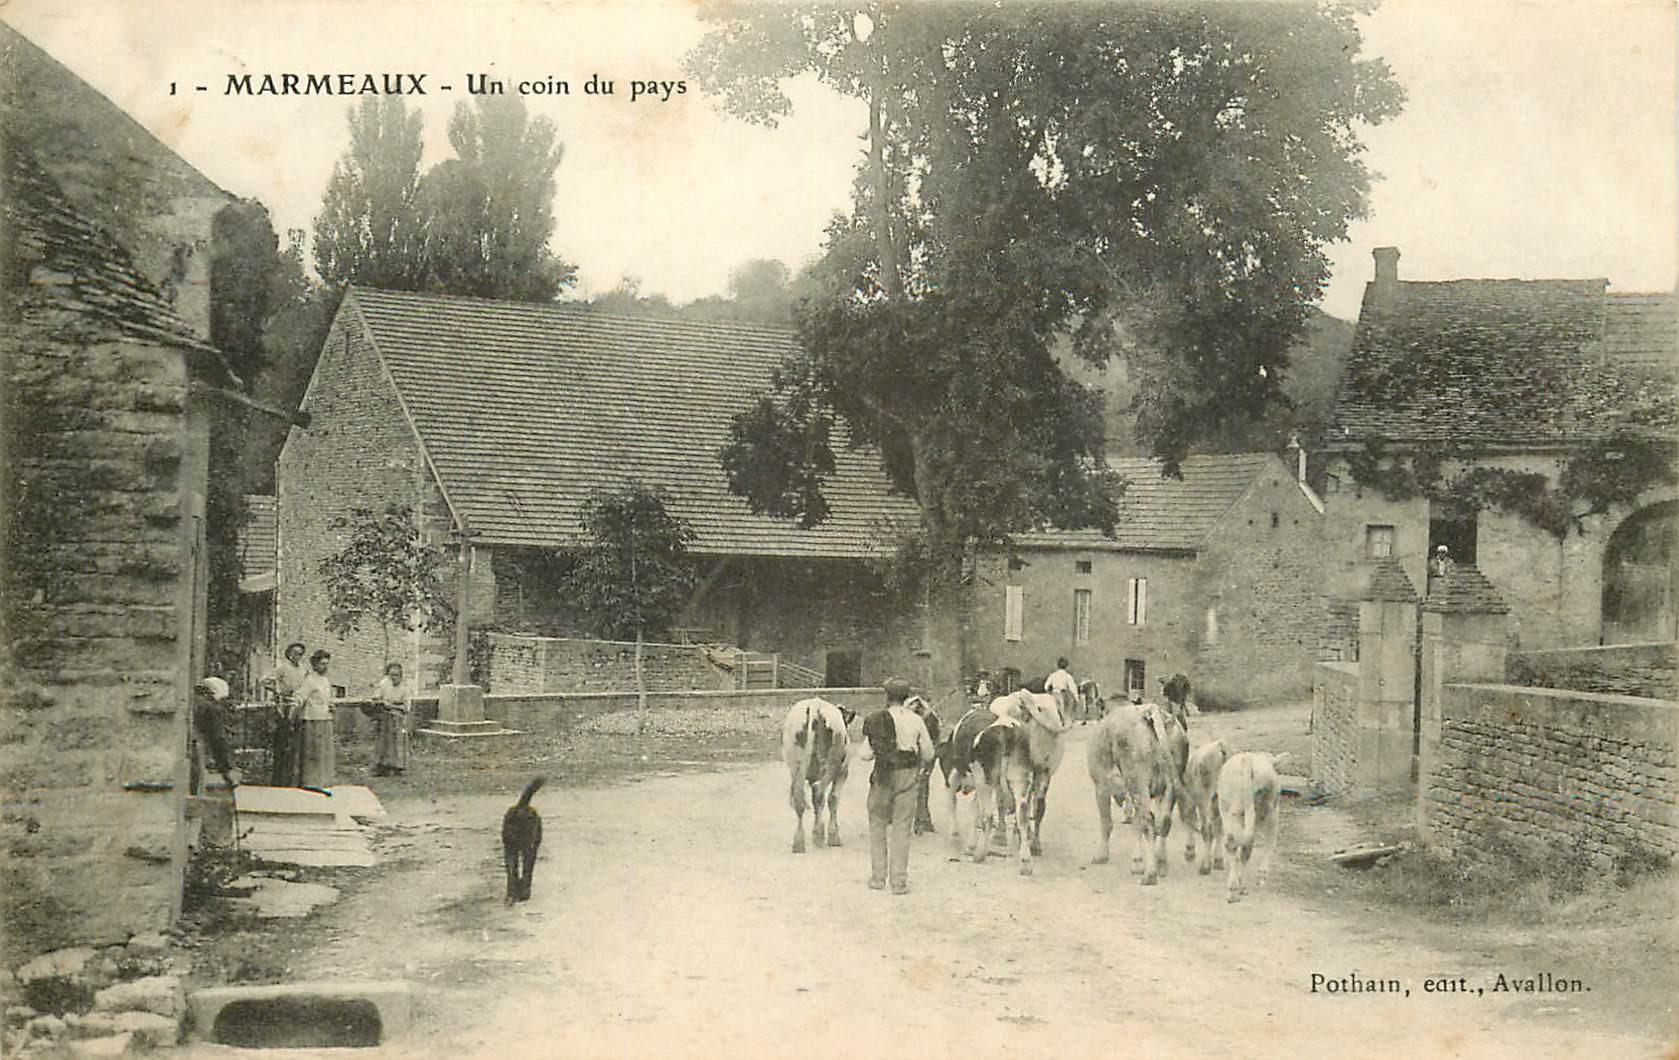 89 MARMEAUX. Paysan rentrant ses Vaches dans un coin du pays 1908